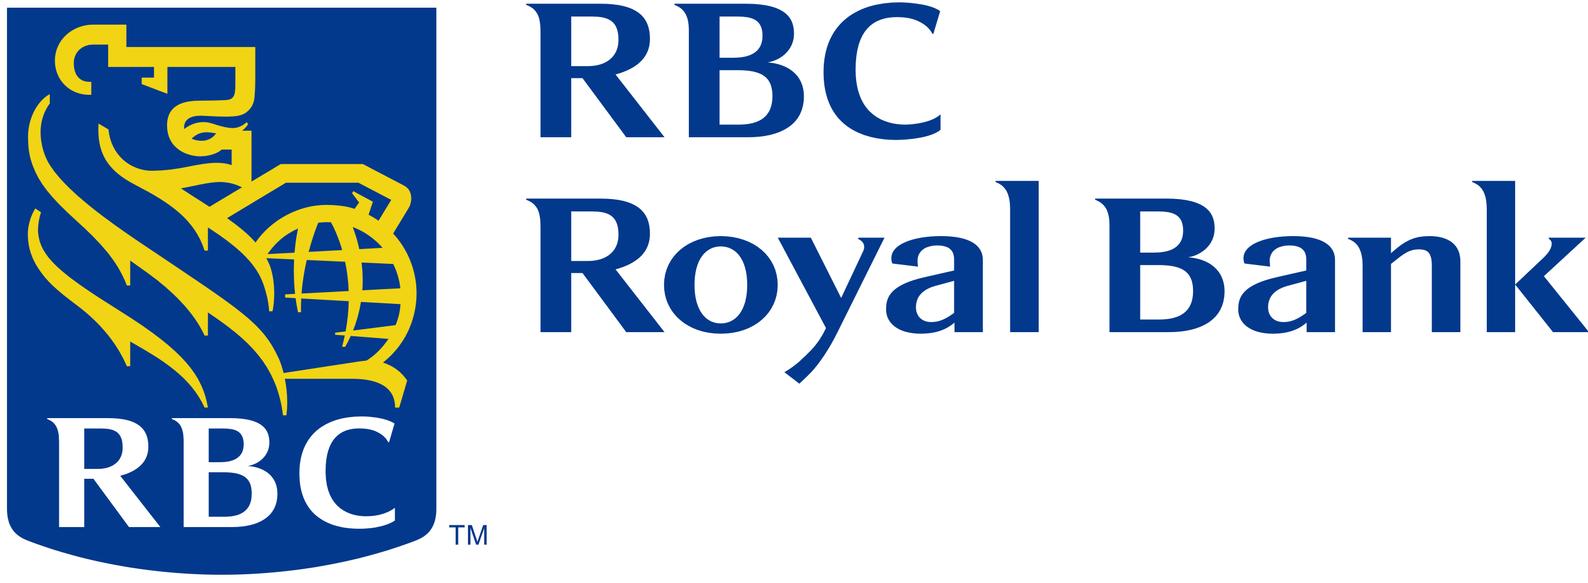 rbc-royal-bank-logo-1.png